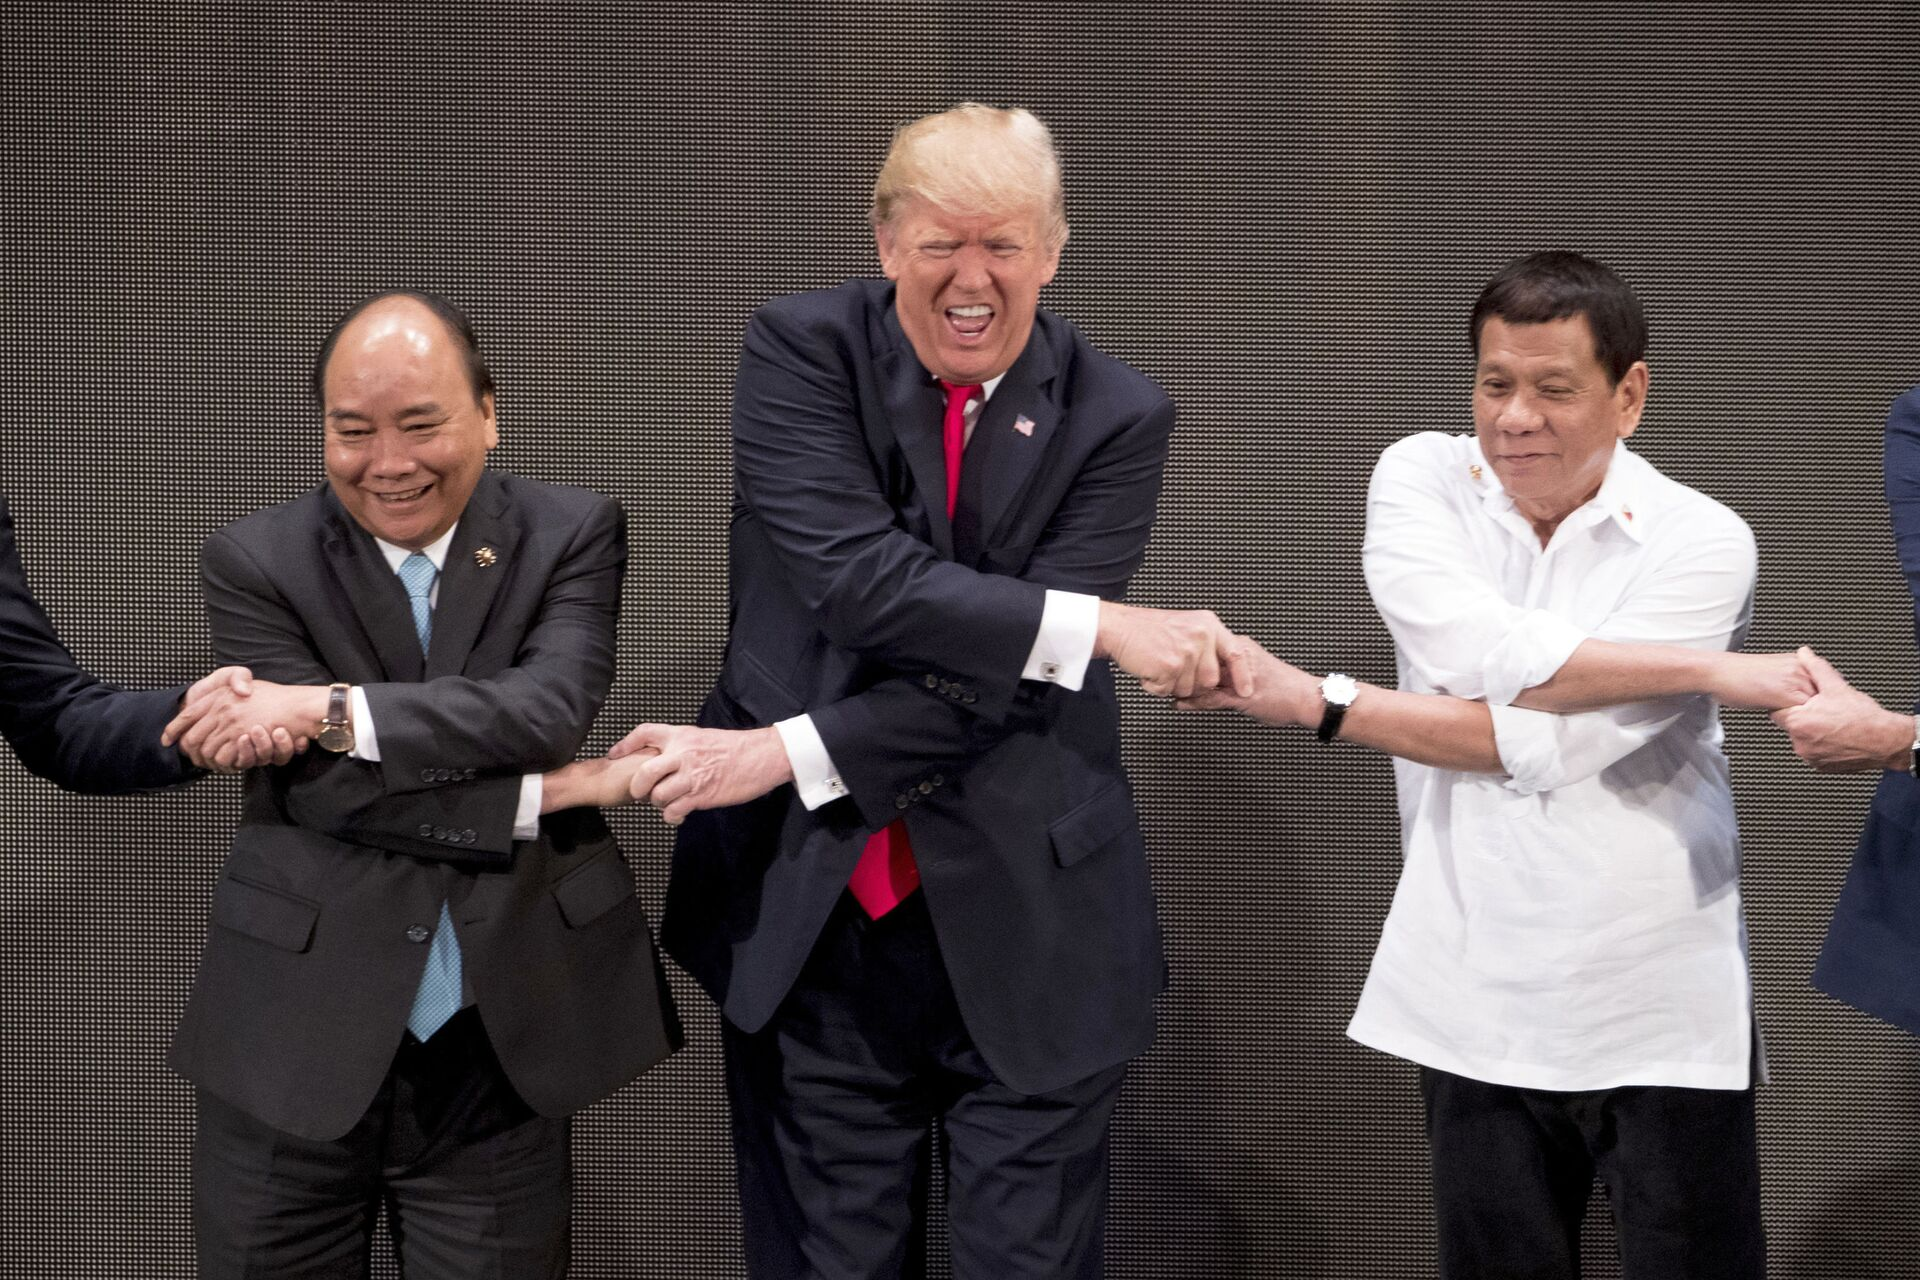 """Tổng thống Mỹ Donald Trump, Thủ tướng Việt Nam Nguyễn Xuân Phúc và Tổng thống Philippines Rodrigo Duterte trong buổi """"Cái bắt tay của ASEAN"""" tại Lễ khai mạc Hội nghị Cấp cao ASEAN ở Manila, Philippines - Sputnik Việt Nam, 1920, 05.10.2021"""